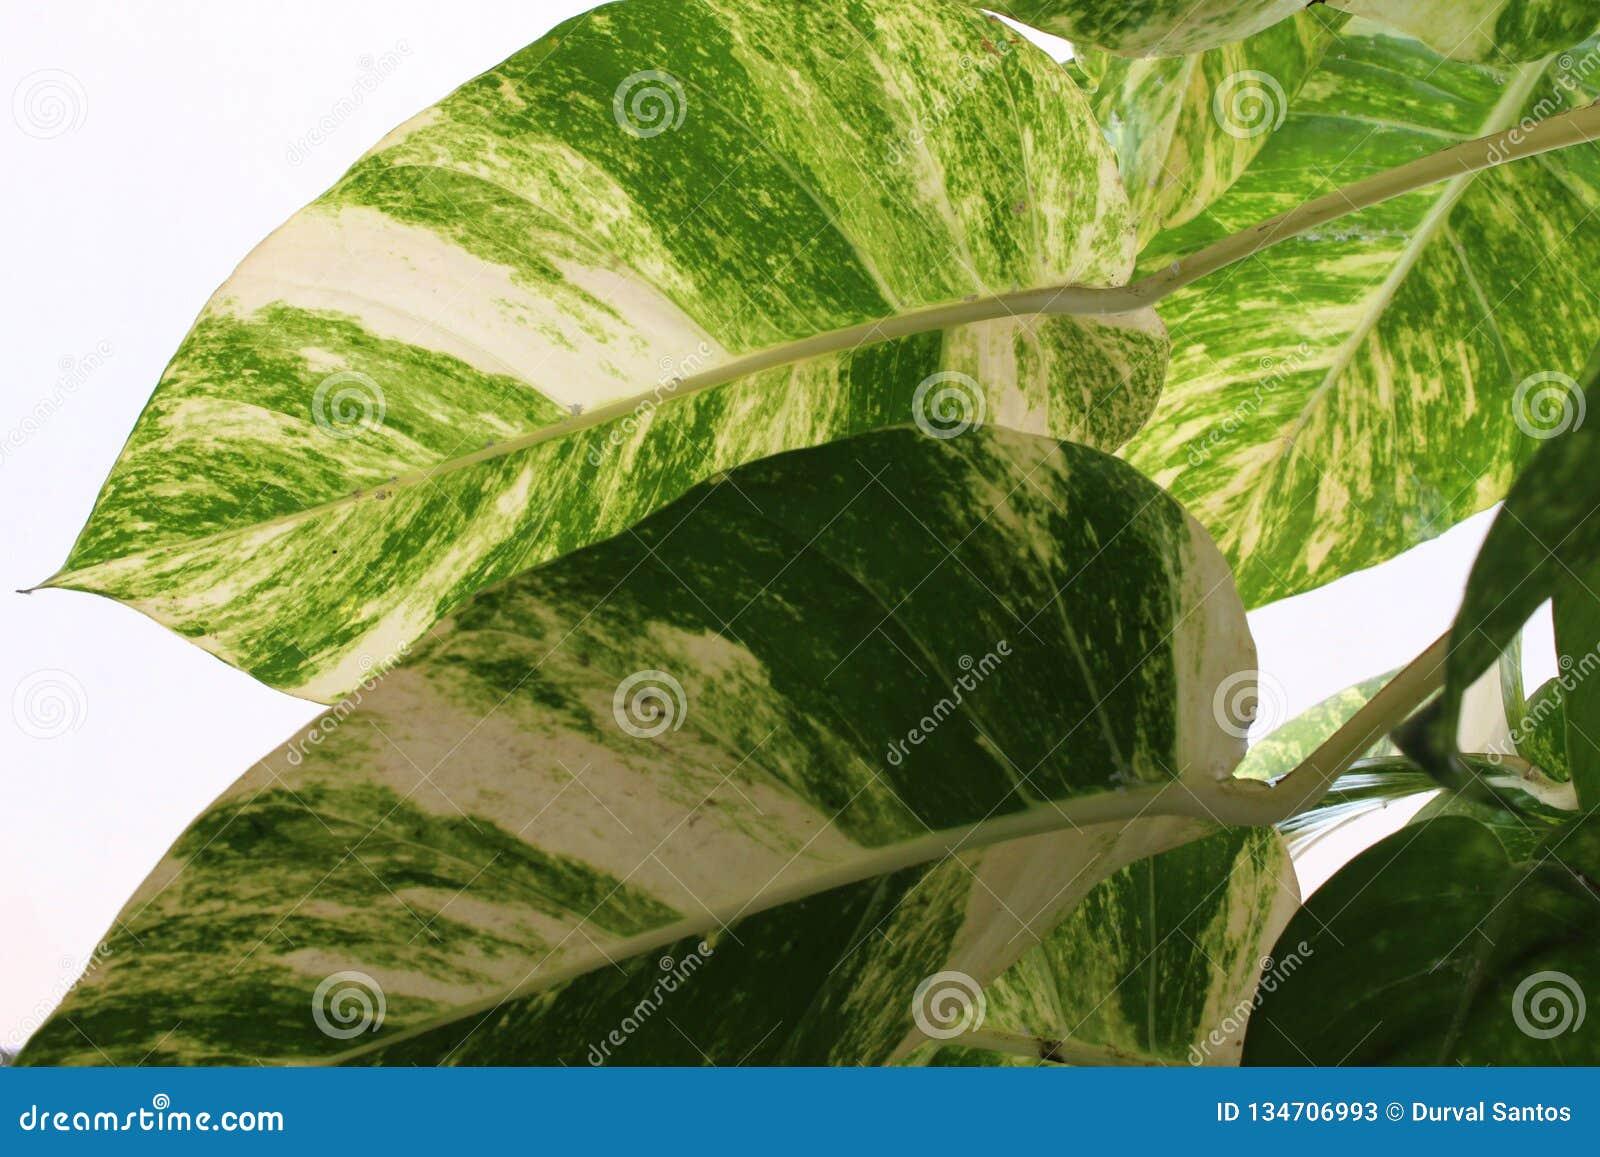 Hojas verdes y blancas de una planta